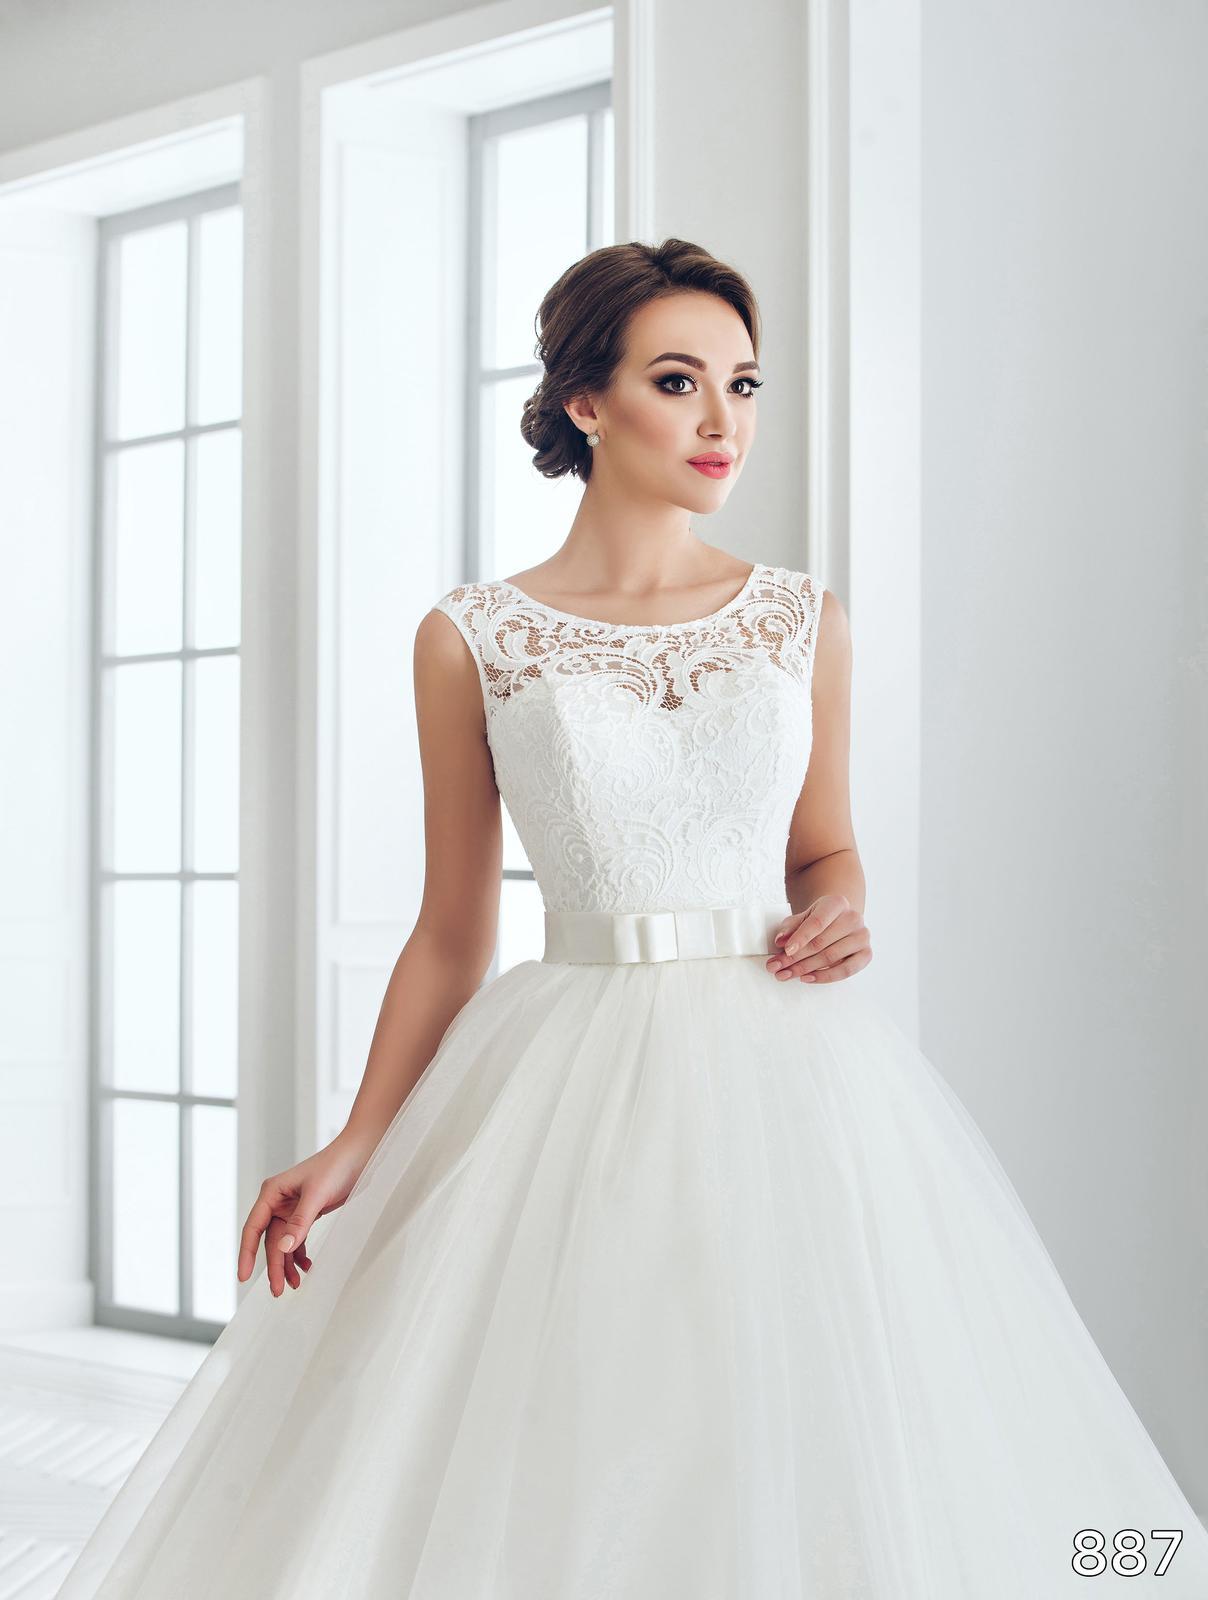 Na jarní sezónu jsme pro Vás připravili další nádherné svatební šaty, které si můžete u nás zapůjčit nebo zakoupit. - Prodejní cena 12500 Kč